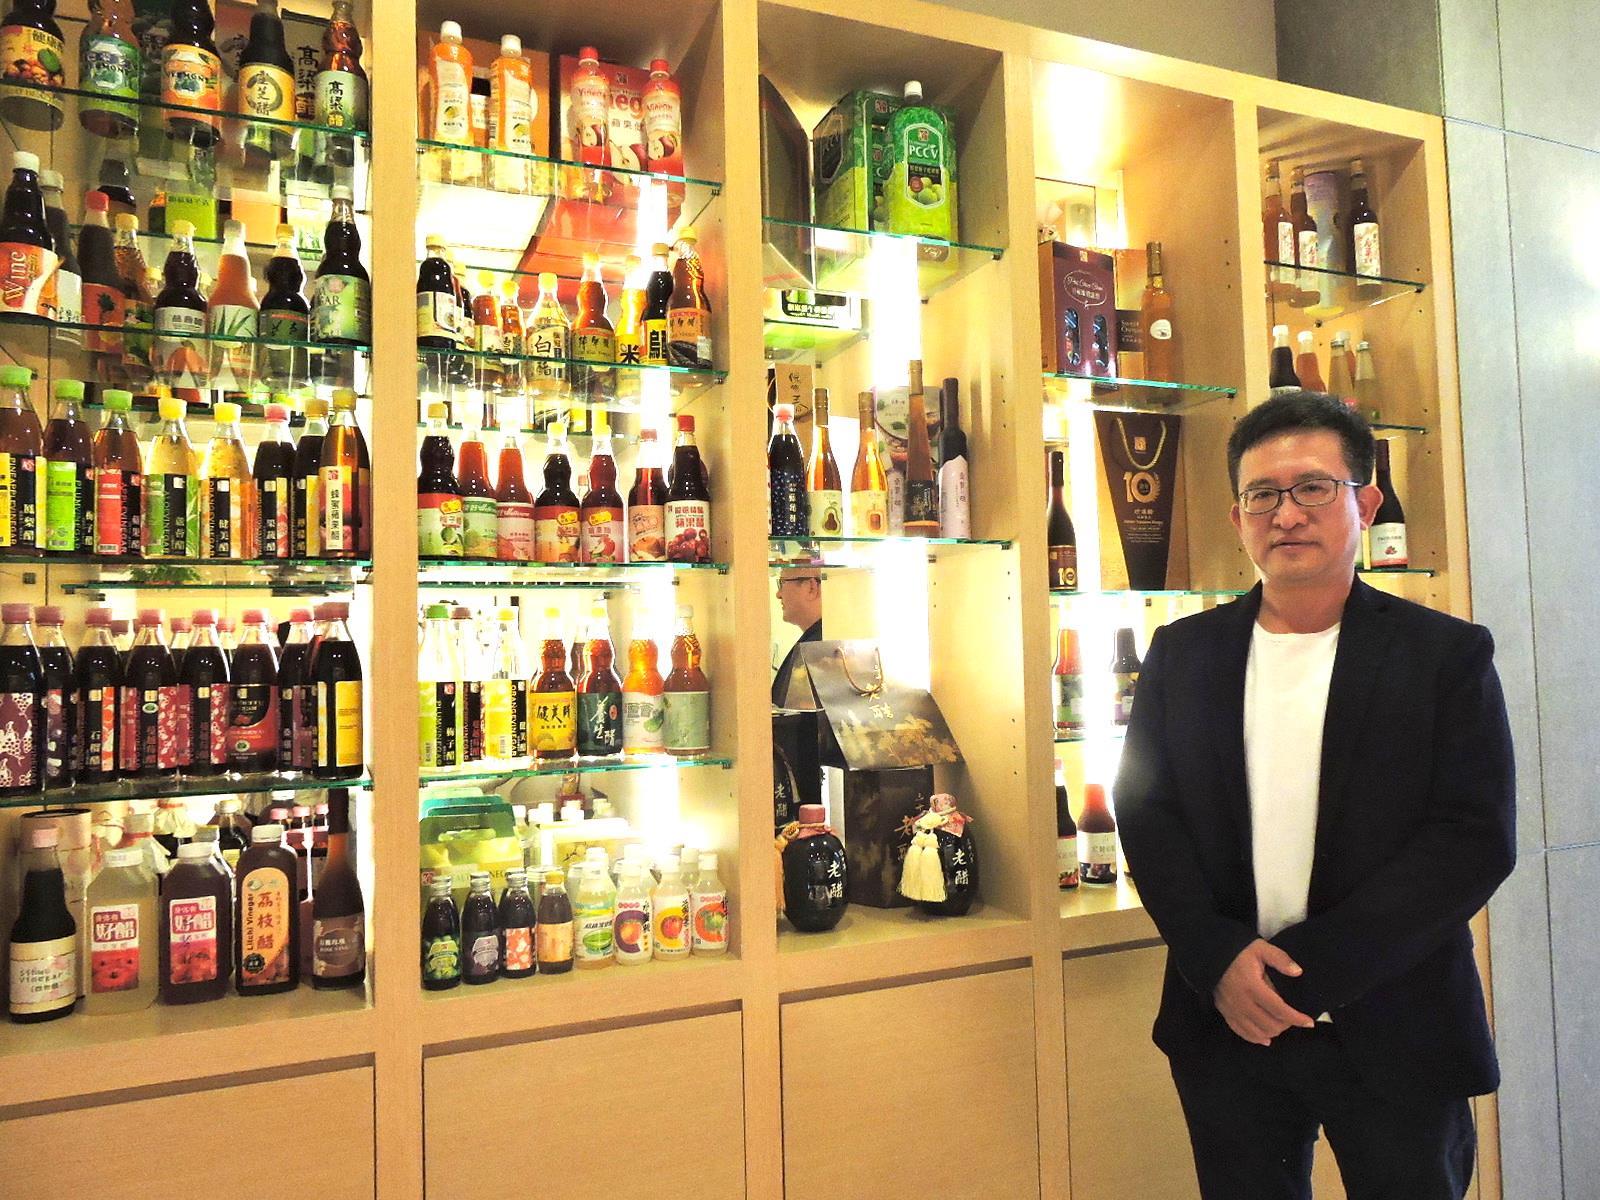 健康醋品牌「百家珍」走過半世紀 異業結盟拓展醋飲市場